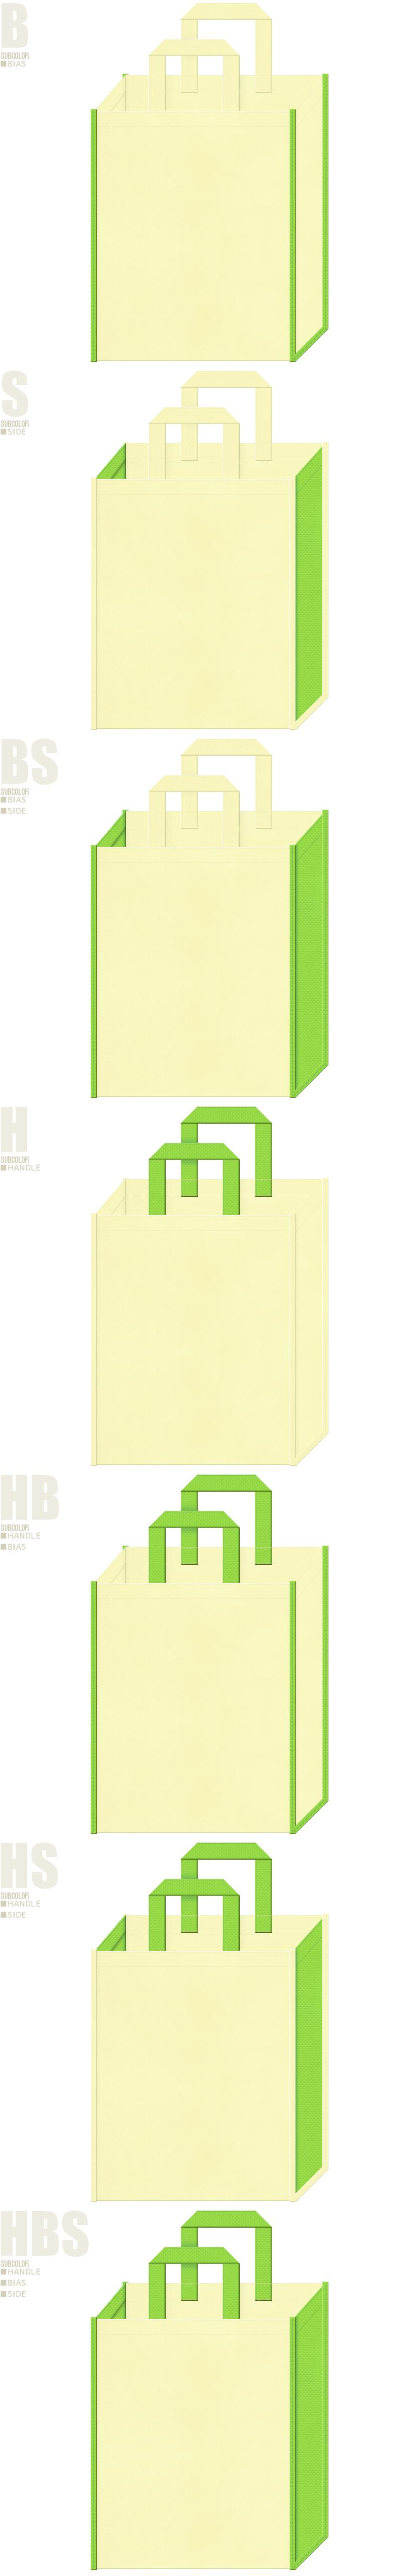 優しさ・ゆるさ・リラックス・絵本・おとぎ話・小鳥・インコ・ナチュラル・草原・春のイベント・エコバッグ・ガーリーデザイン・パステルカラーの不織布バッグにお奨め:薄黄色と黄緑色の配色7パターン。